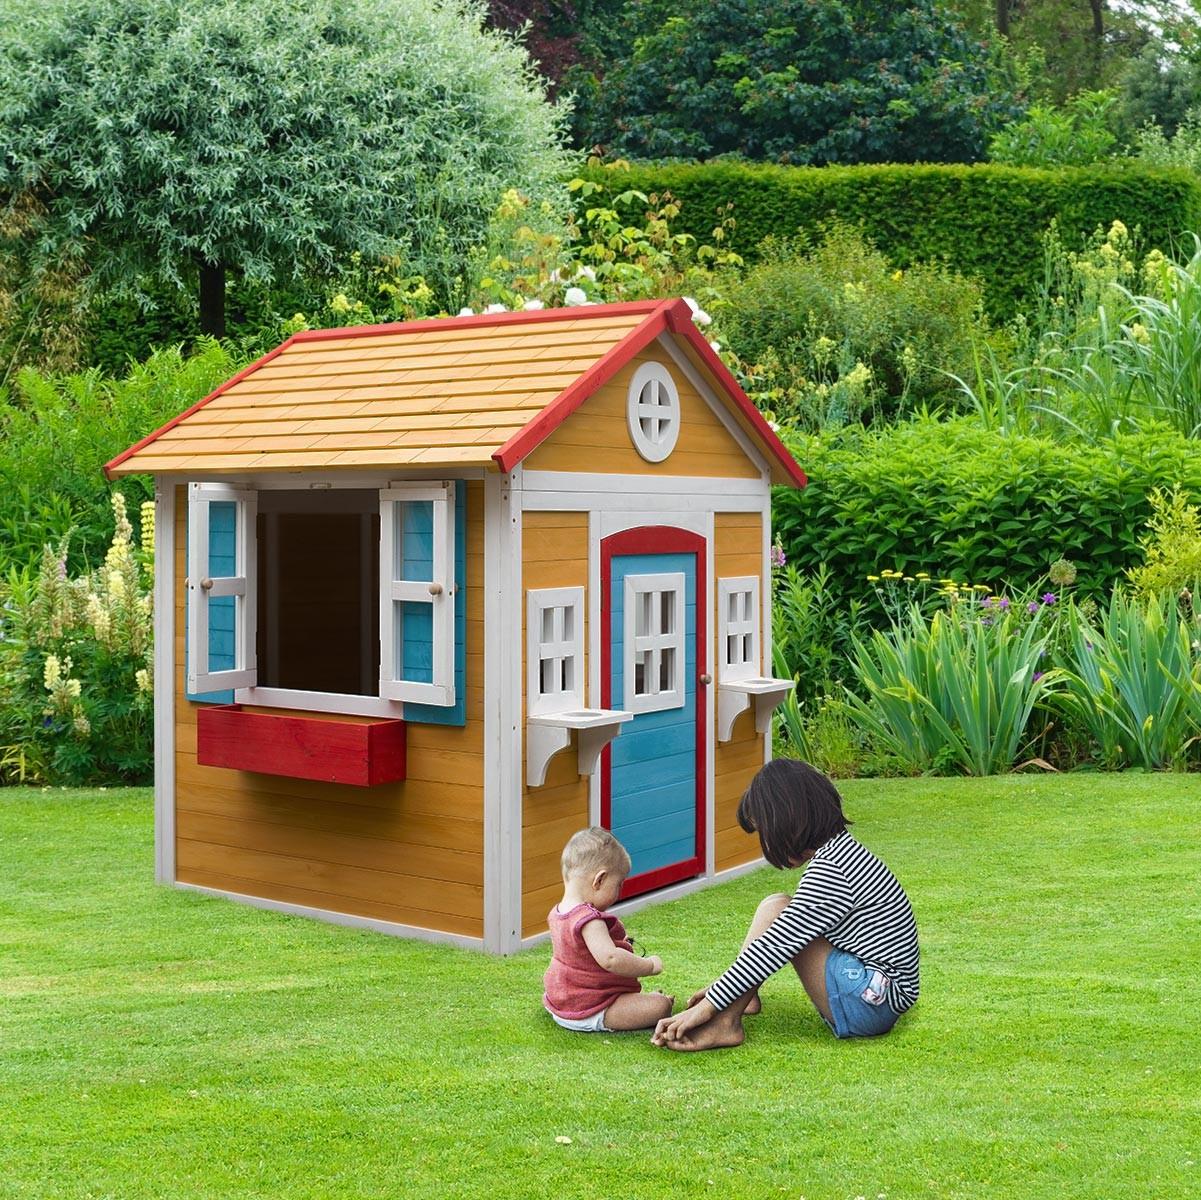 Cabane maisonnette en bois peint